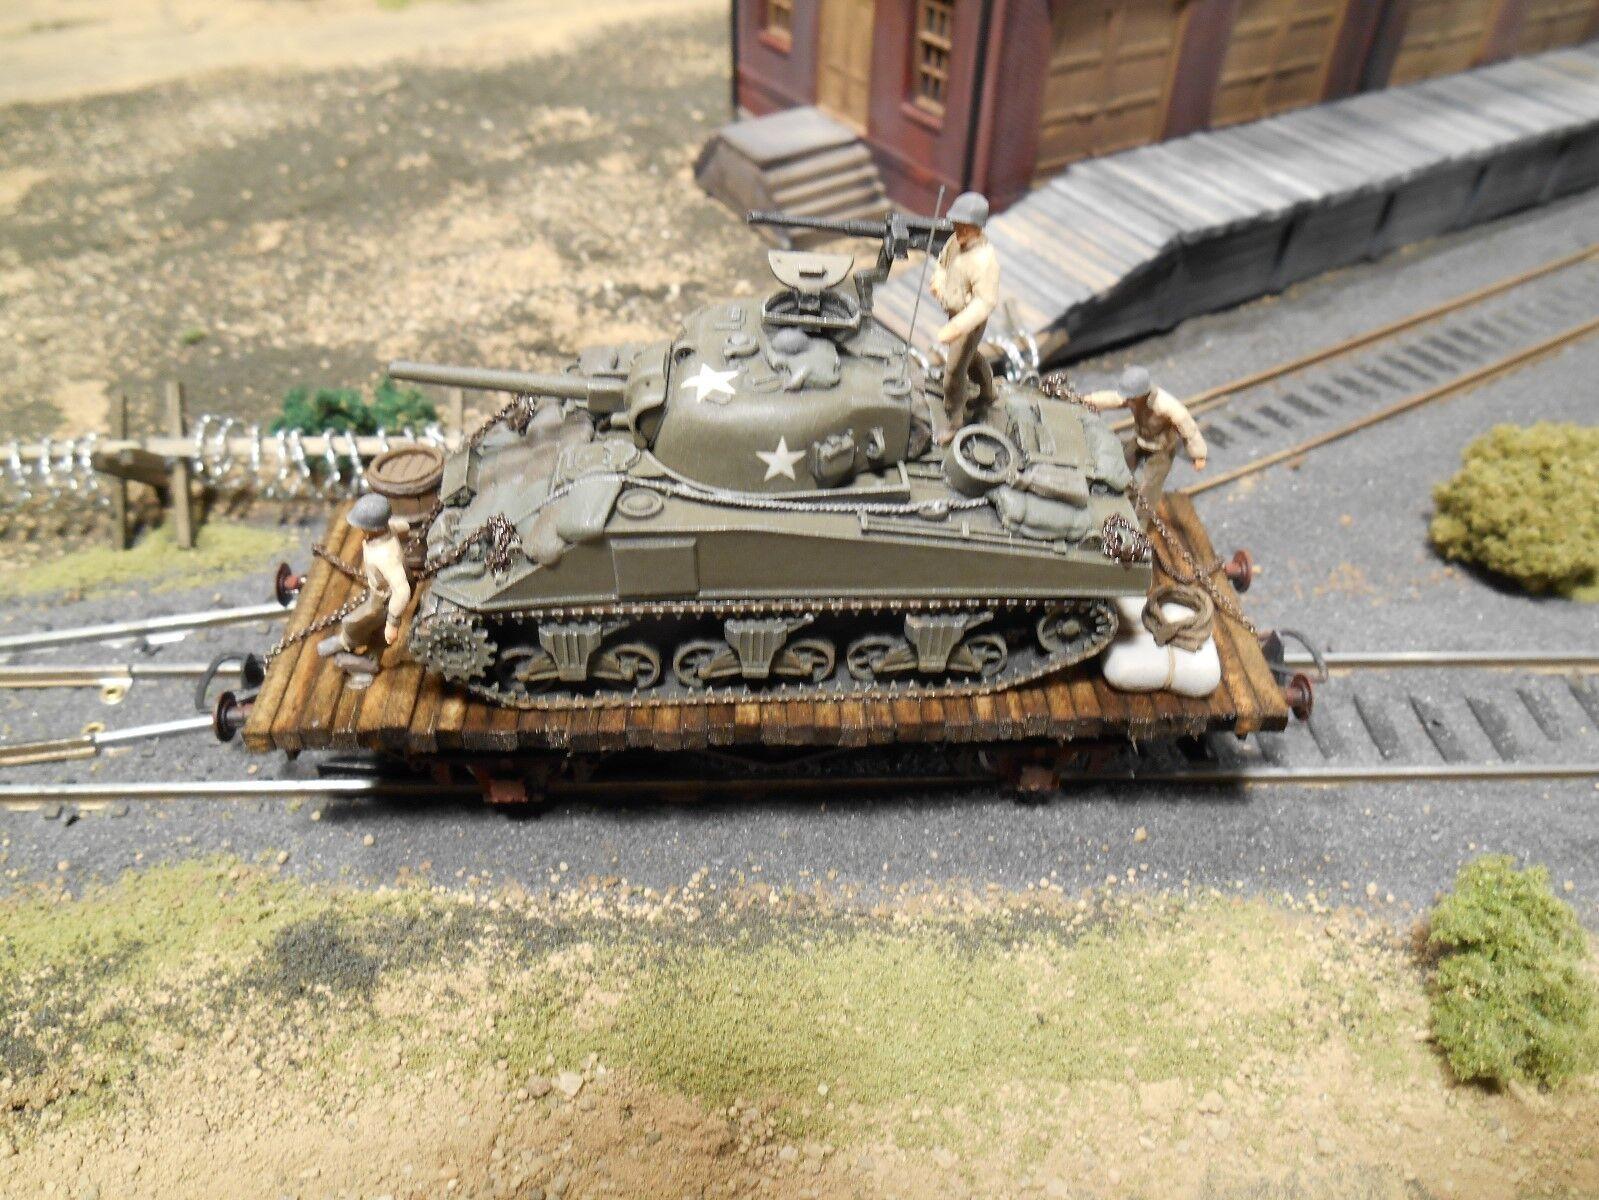 Ho Roco Minitanks American Ejército de Patton 3rd Ferrocarril Coche  A699 Custom detallada